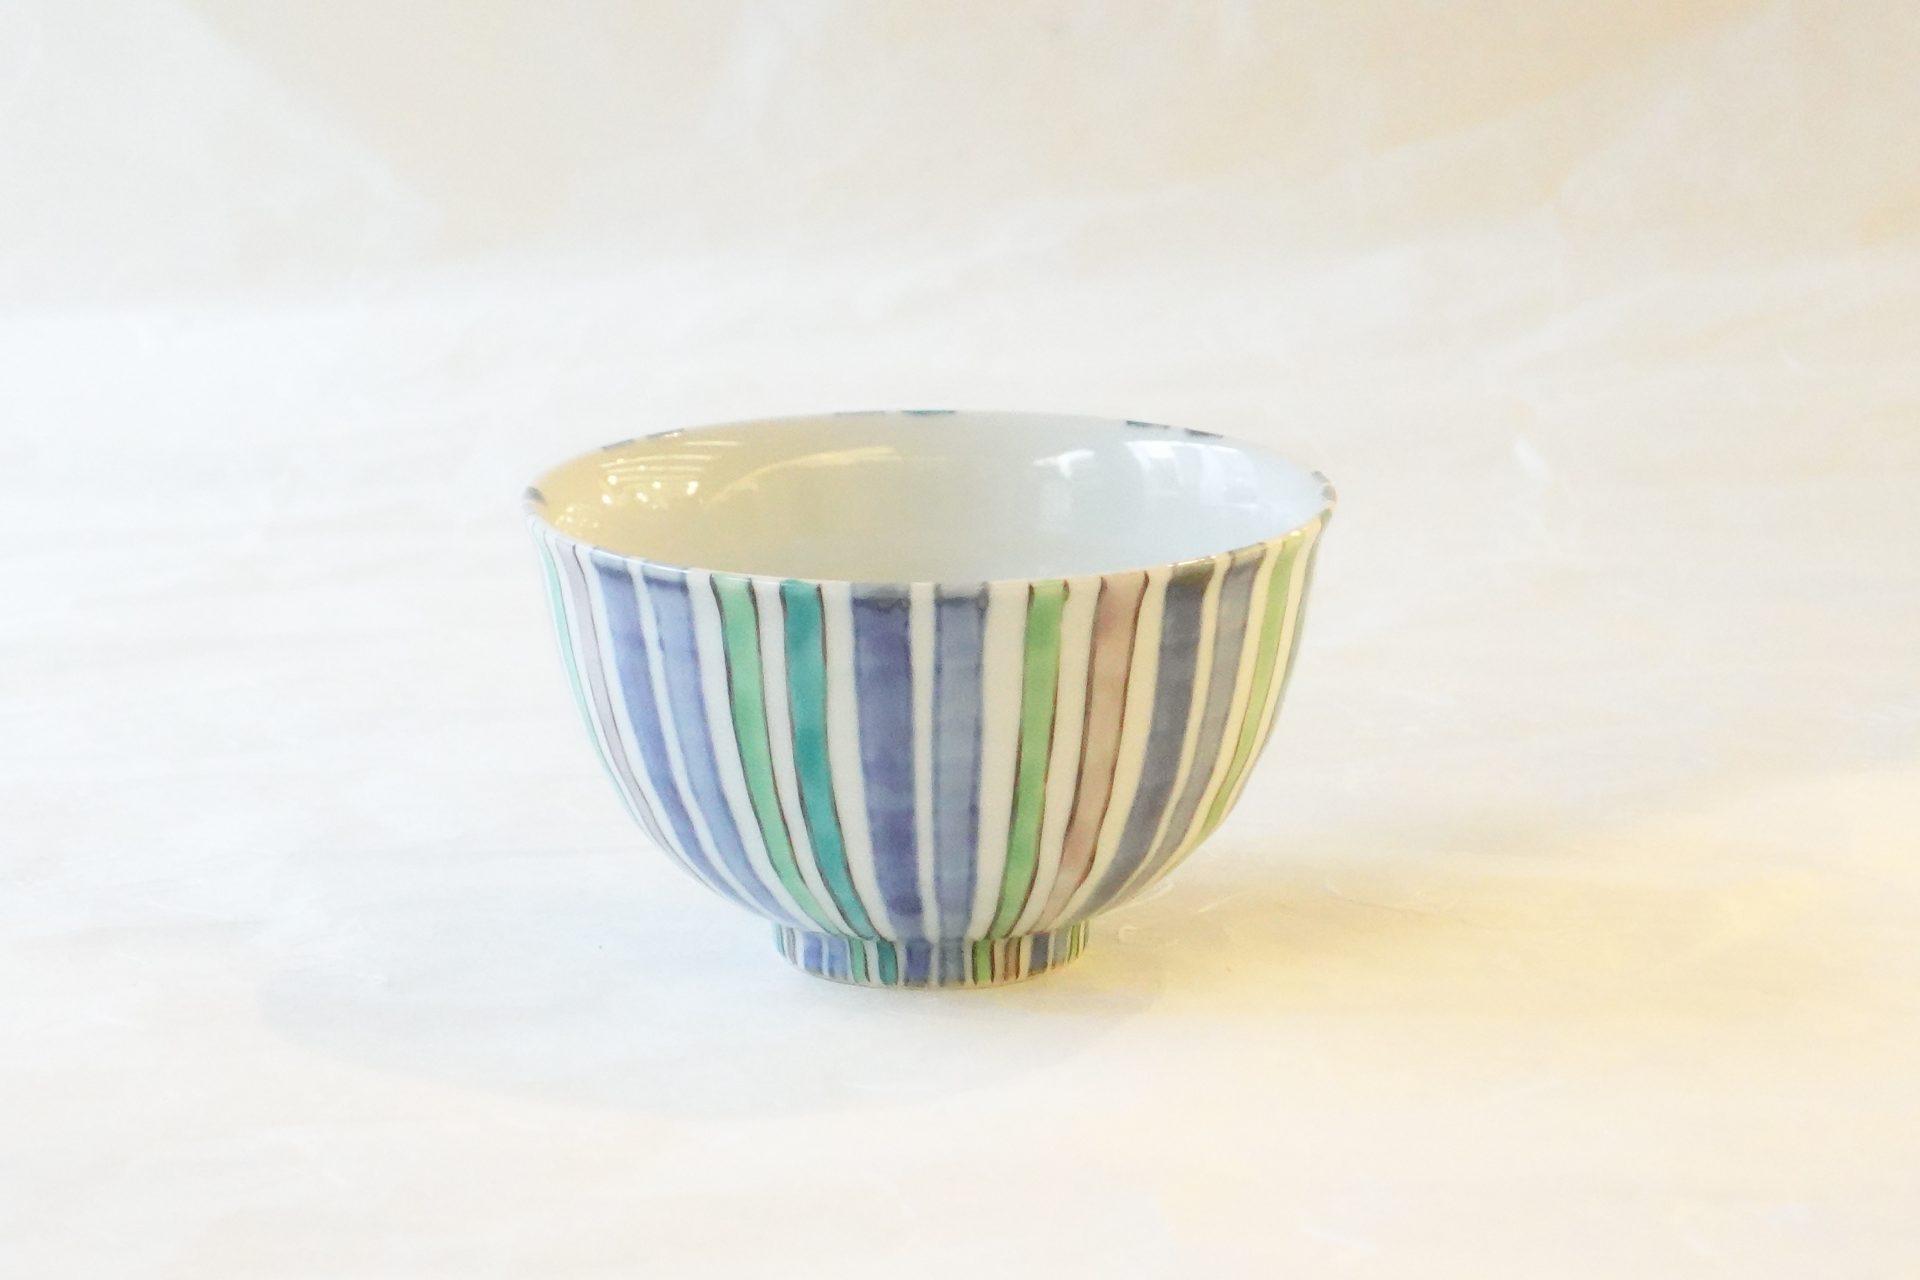 陶磁器 有田焼 ご飯茶碗 小鉢 どちらも使える 高台 羽反り 飯碗 深さ 磁器製 生地が厚め 耐久性 汁物 一品料理 複数の色 大変な手間 手描き 味わい 風合い 料理を引き立てる 機能的 デザイン さわやか